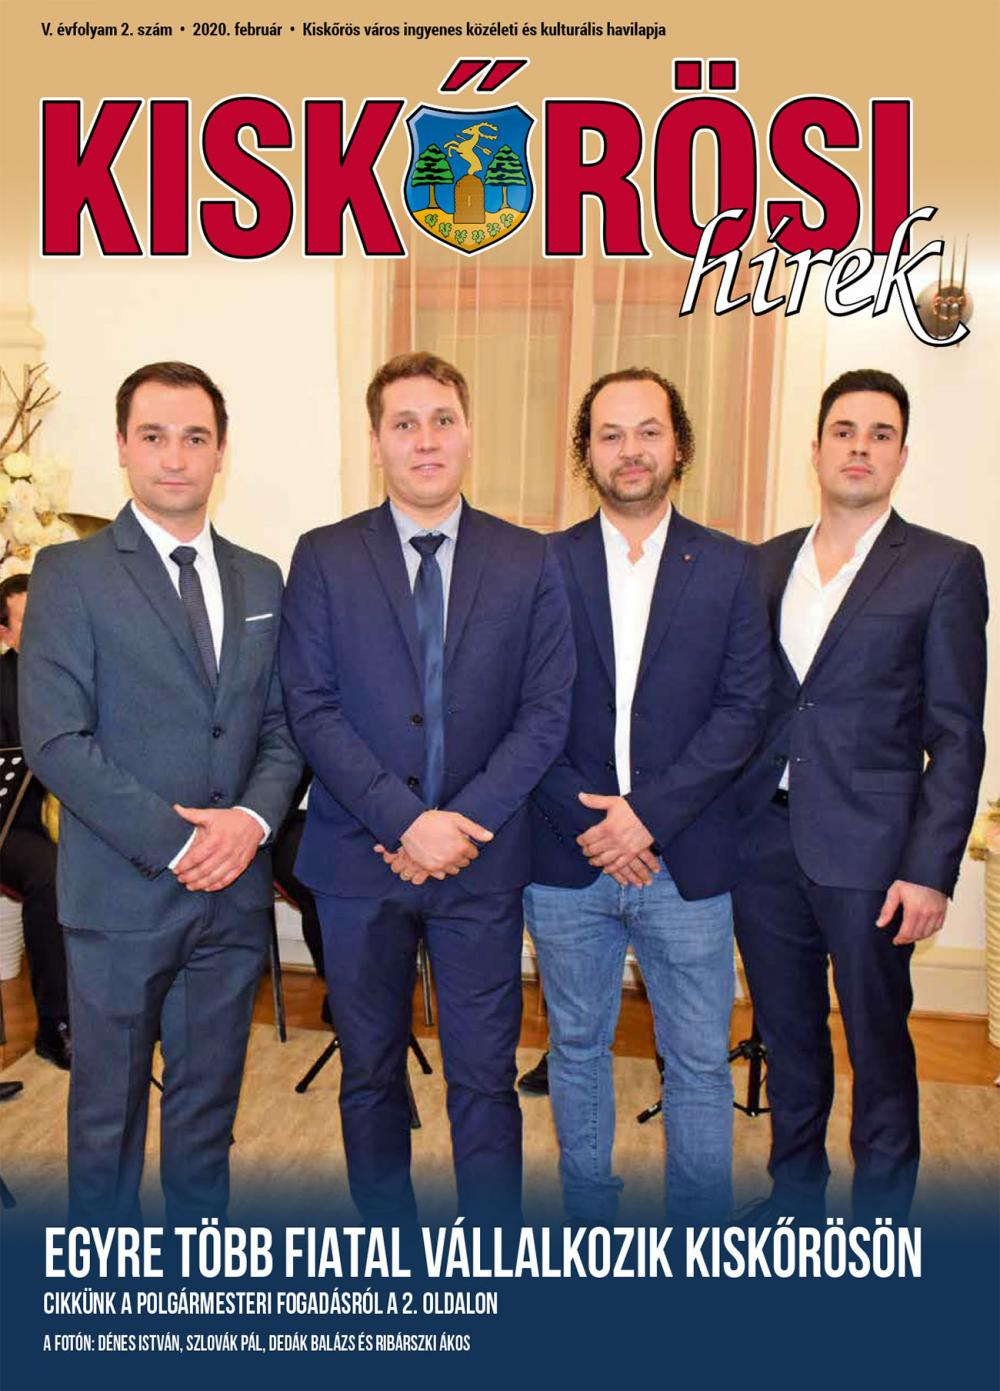 Kiskőrösi Hírek - 2020. februári szám